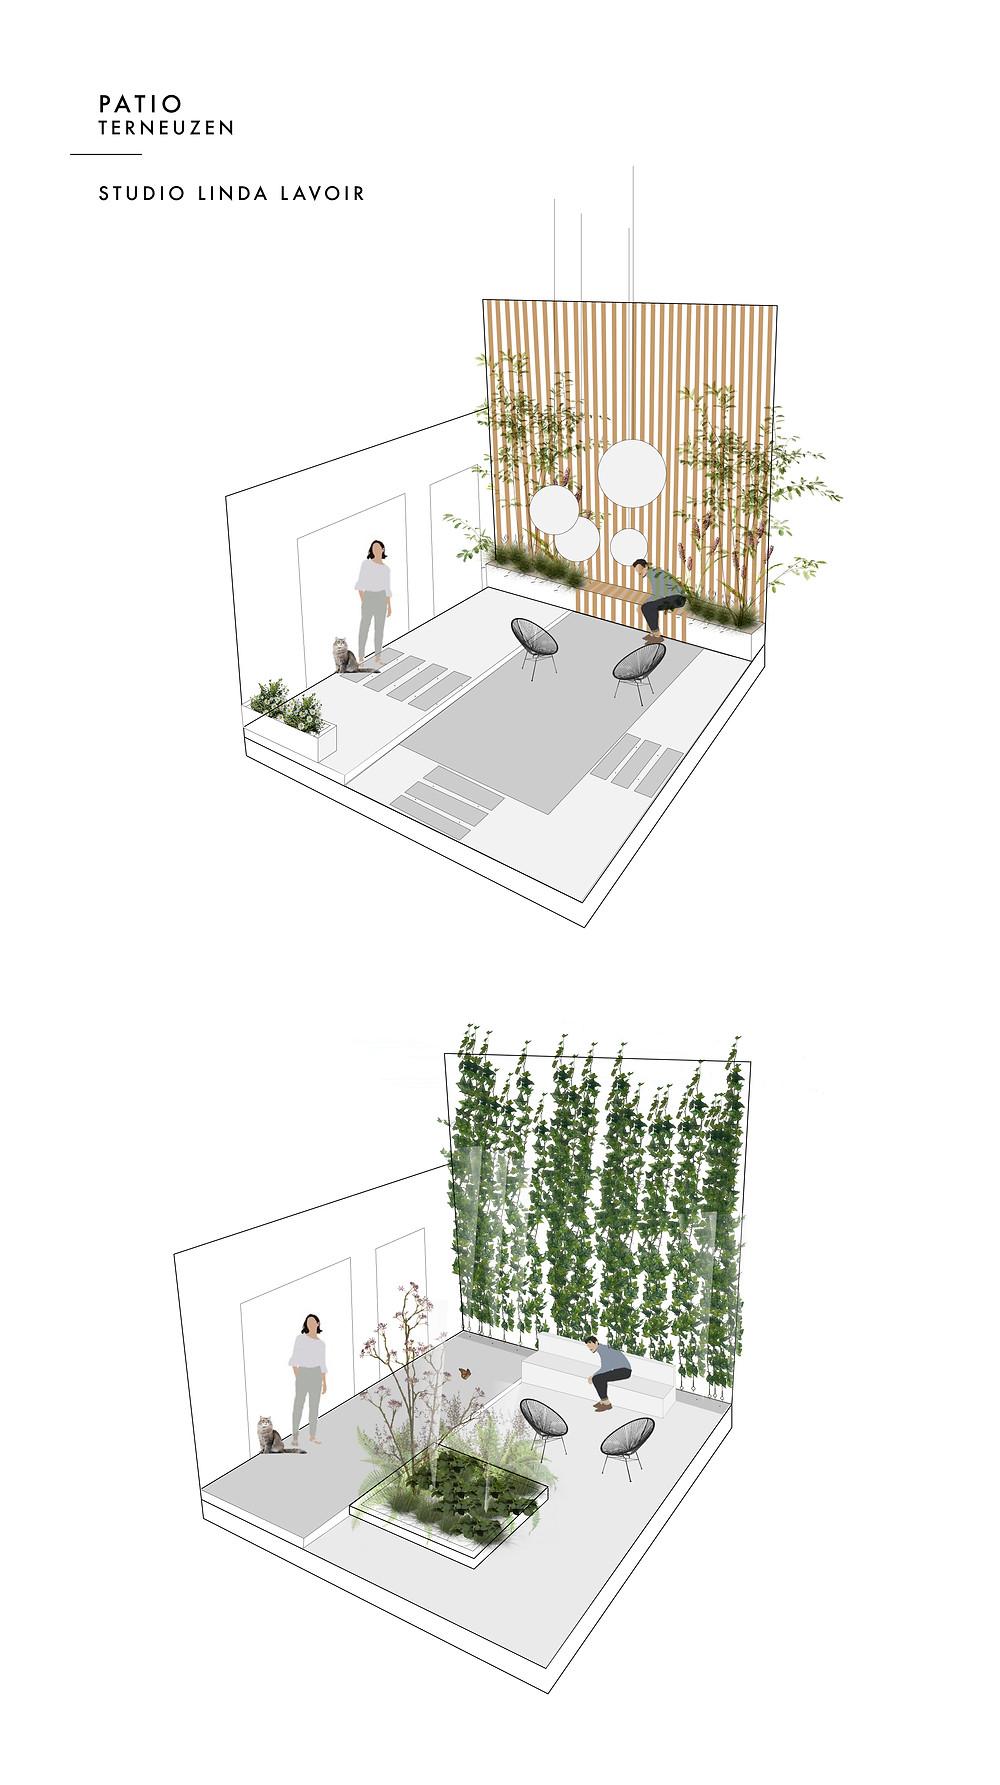 In deze blog wil ik jullie graag laten zien hoe ik keuzes maak voor een, in dit geval, ontwerp voor een patio. Want een leuke buitenruimte ontwerpen is één ding, maar een ontwerp maken die én ruimtelijk goed in elkaar zit, die zorgt voor een gezonde leefomgeving en 365 dagen interessant is voor de klant,  is een tweede. Lees hier hoe ik het ontwerp van deze patio in Terneuzen heb ontworpen.   Welk ontwerp kies jij? Deze vraag stelde ik ook via mijn story op mijn Instagram account Studiolindalavoir. De meerderheid koos voor het eerste ontwerp, jij misschien ook wel op het eerste gezicht. Het ontwerp is modern en strak, maar toch ook groen.  Het eerste ontwerp is gebaseerd op de eisen van de opdrachtgevers. De eisen waren onderhoudsvriendelijk, modern maar toch groen, een leuke plek om te zitten met vrienden en familie en natuurlijk moet de patio ook kindvriendelijk zijn.  Het tweede schetsontwerp heb ik gemaakt om te laten zien wat de mogelijkheden zijn wanneer ik praat over aspecten waarover ik het heb in mijn introductie.  De natuurlijke patio Het hebben van een tuin op deze wereld uniek. Maar een klein deel van de wereldbevolking heeft er namelijk eentje. Wij bezitten dus de luxe om ons eigen kleine stukje natuur te creëren naar onze eigen smaak. Het is een plek waar we kunnen ontspannen, BBQen en van kunnen genieten op zomerdagen.. Het enige nadeel is dat het niet altijd mooi weer is in Nederland. Met die reden is het het een enorme meerwaarde wanneer de patio ook aantrekkelijk is wanneer we er niét in zitten.   Met die reden is daarom ook het tweede ontwerp voor de patio gekozen. Dit ontwerp is niet alleen fijn om in te zitten op mooie zomerdagen, het is ook mooi om naar te kijken wanneer de opdrachtgevers aan het koken zijn, aan tafel zitten met vrienden of op de bank televisie zitten te kijken. Het uitzicht is zowel in de zomer als in de winter groen en kleurrijk. Je ziet veel verschillende structuren en de groene inrichting trek veel leven aan.    Ook 's avon